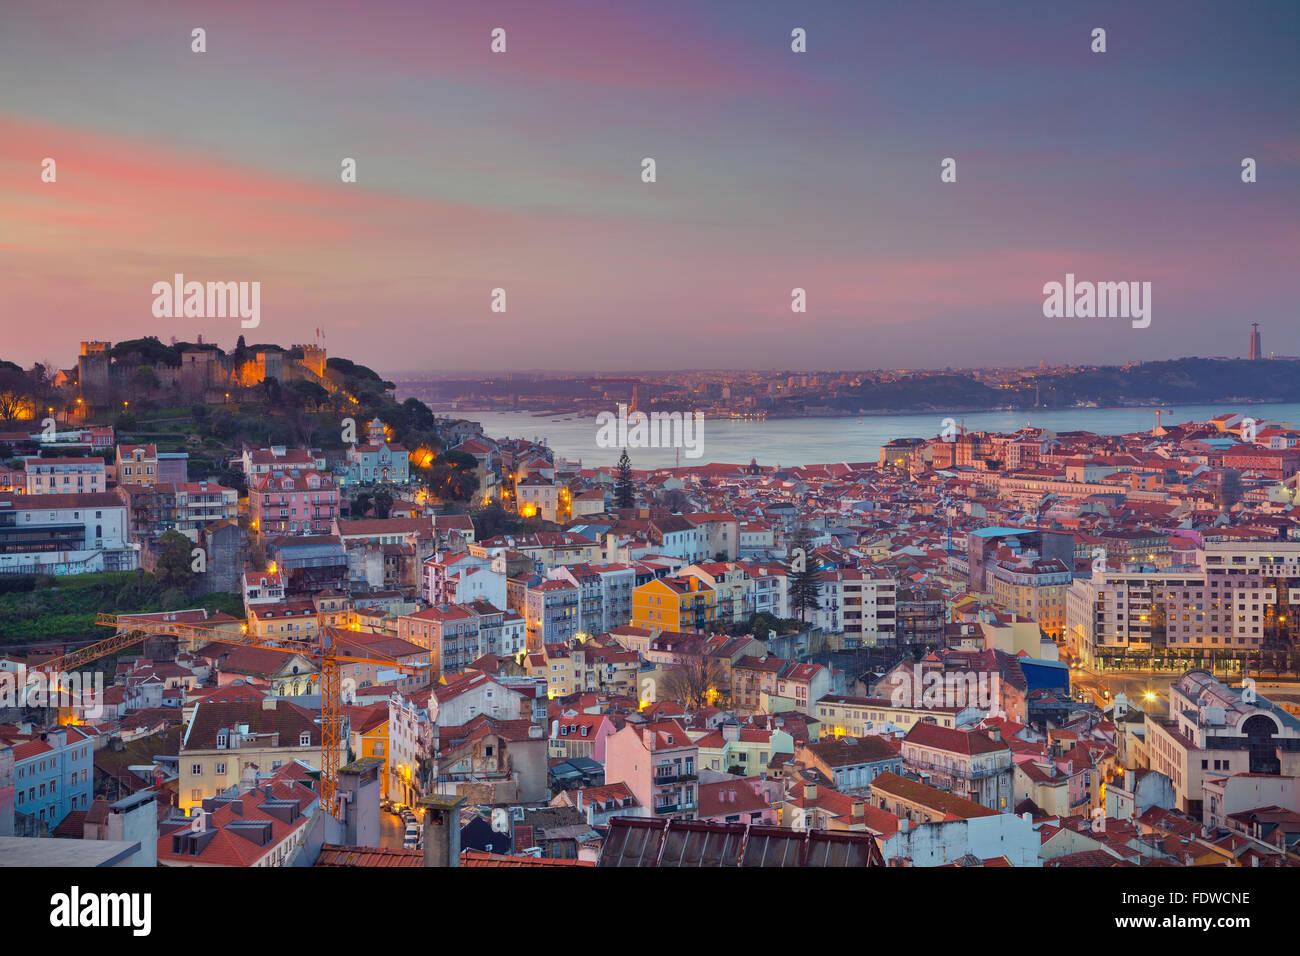 Lisbonne. Image de Lisbonne, Portugal pendant le lever du soleil spectaculaire. Photo Stock